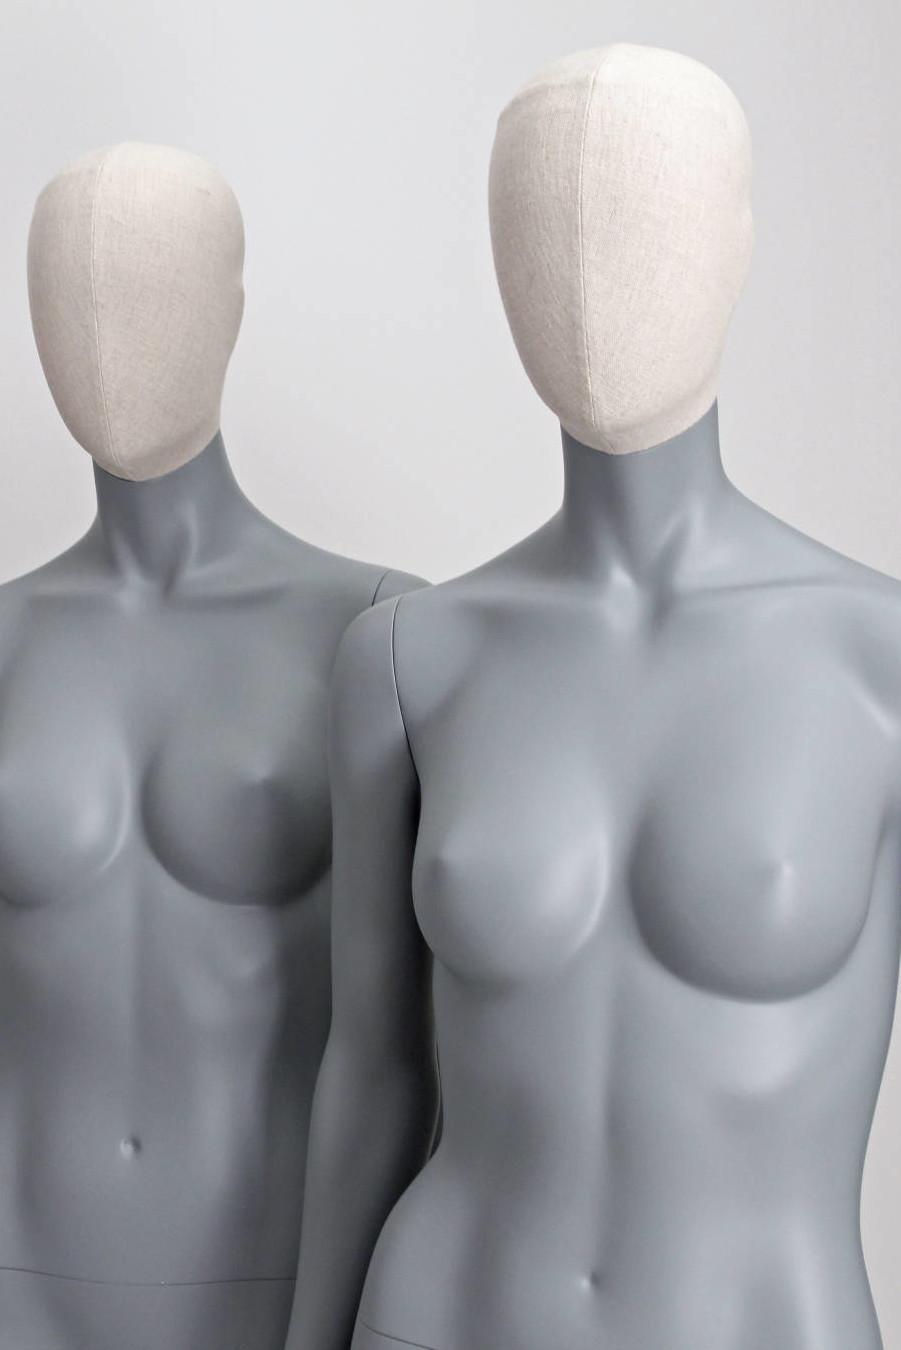 abstrakte Damen-Schaufensterpuppen in schöner grauer Farbe mit stoffumwickeltem Vintage-Kopf. 6 verschiedene Positionen